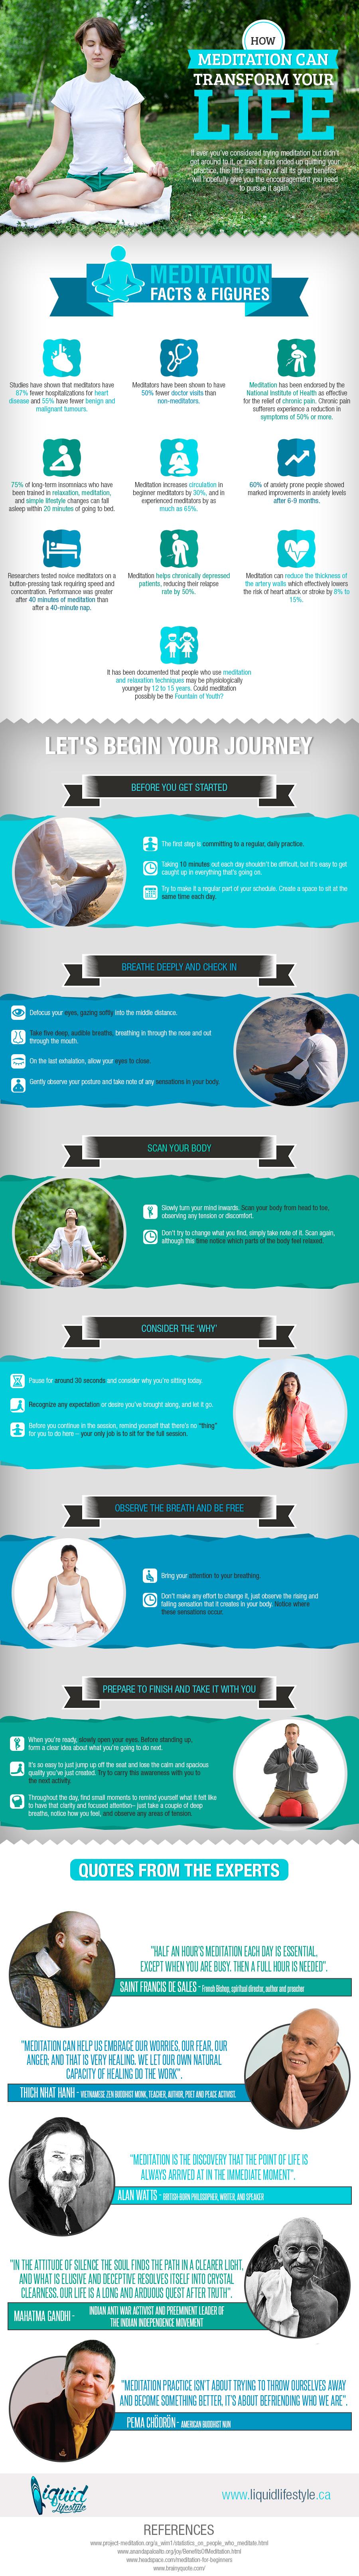 מדיטציה יכולה לשנות את החיים שלך